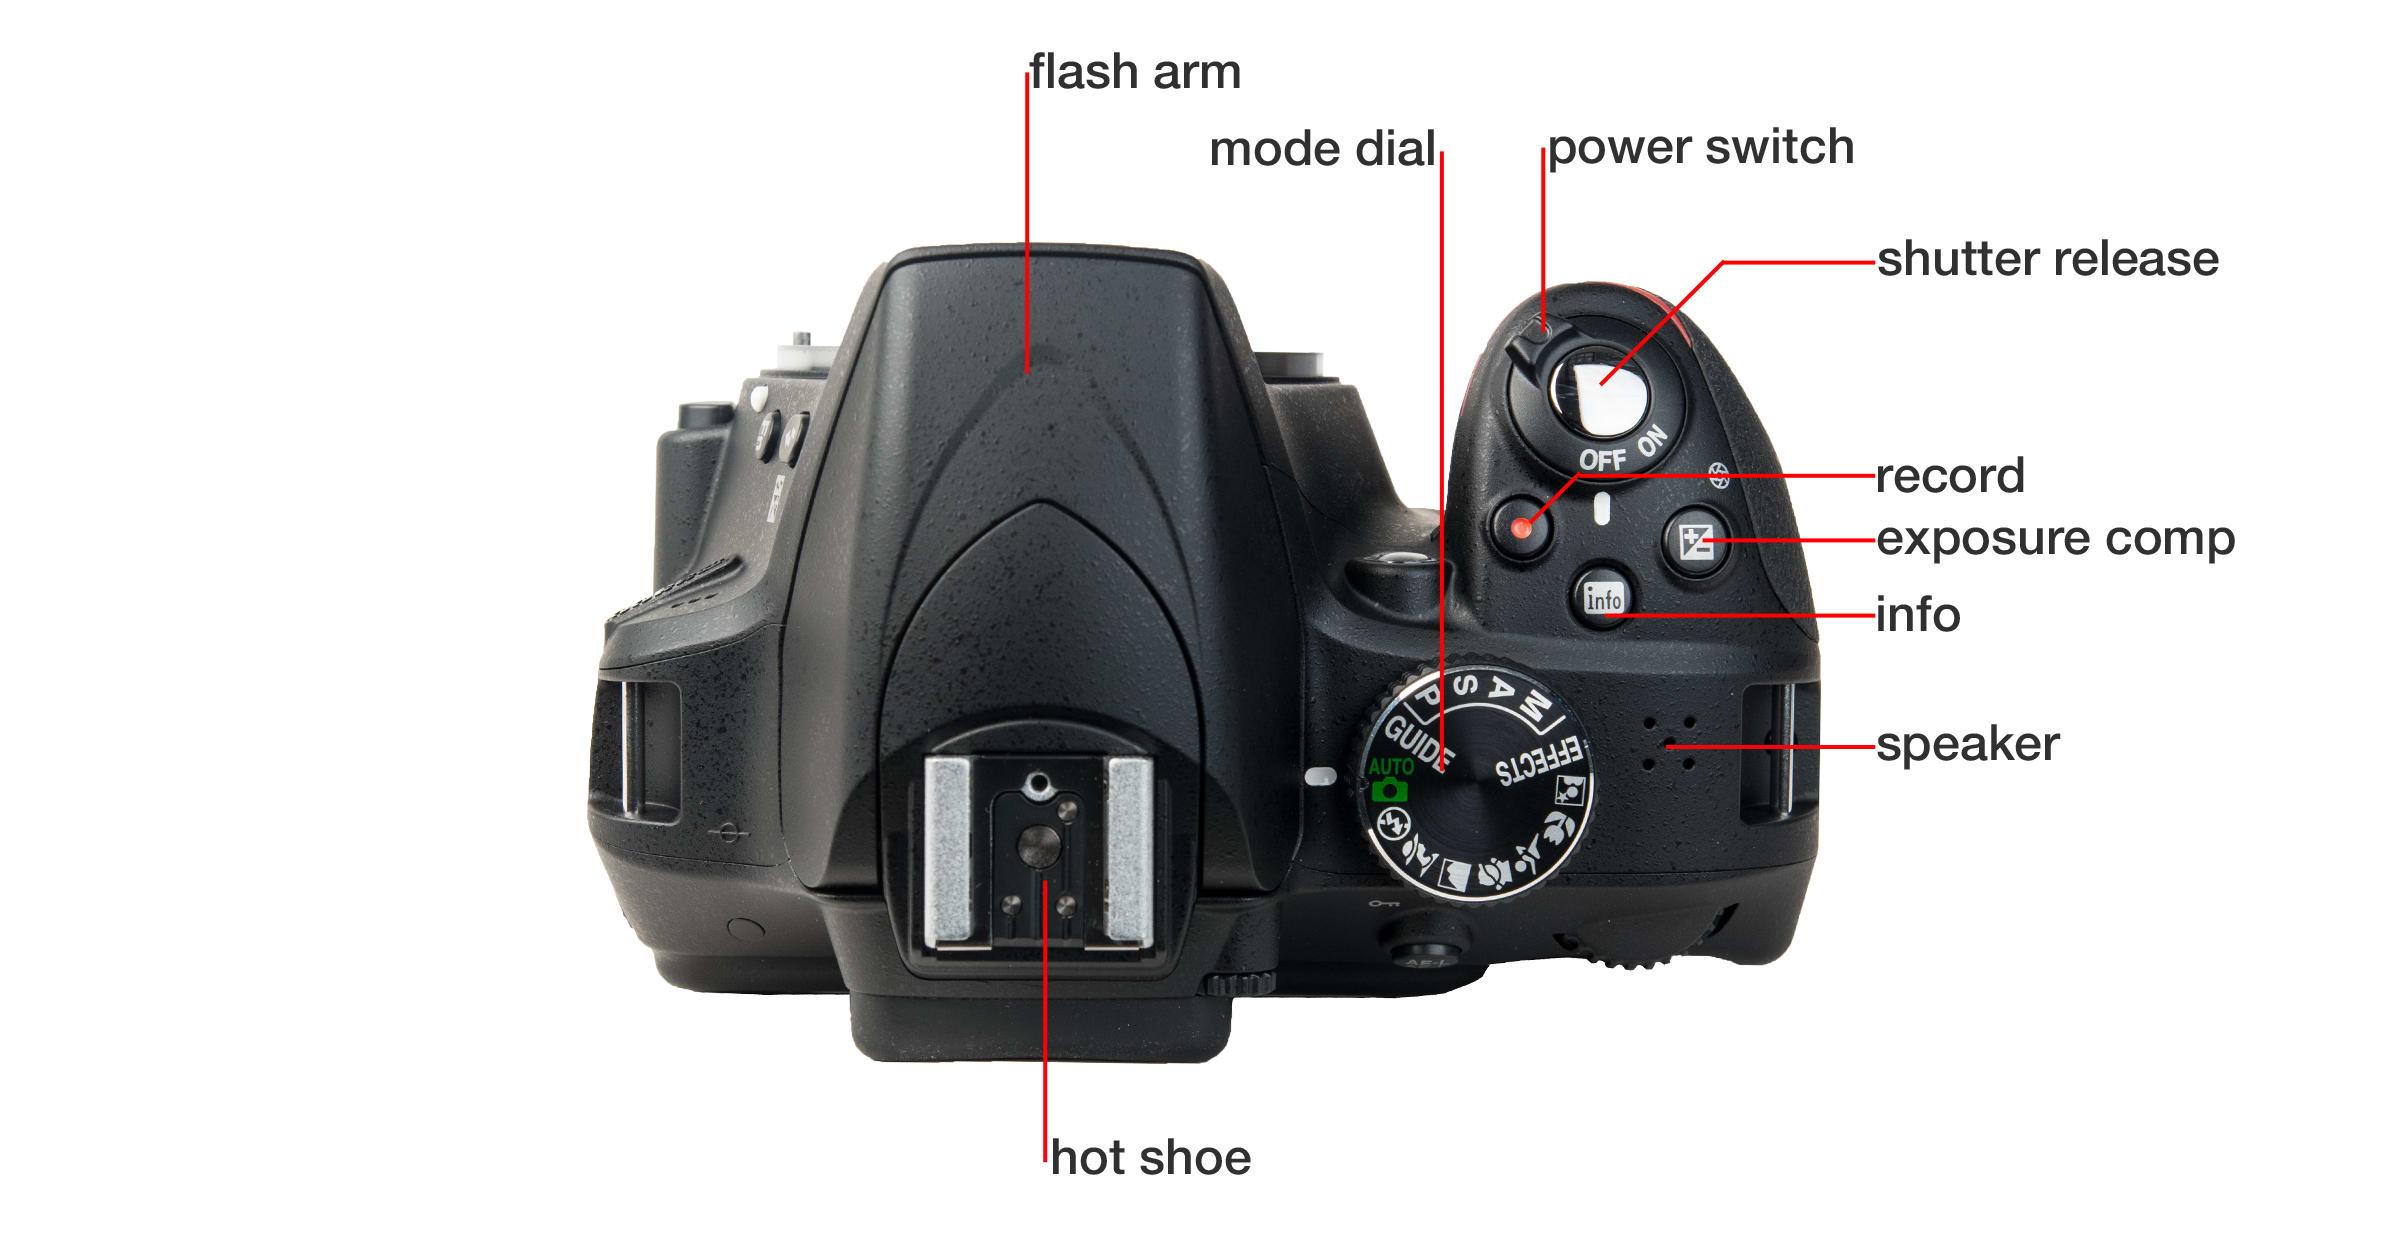 Top of Nikon D3300